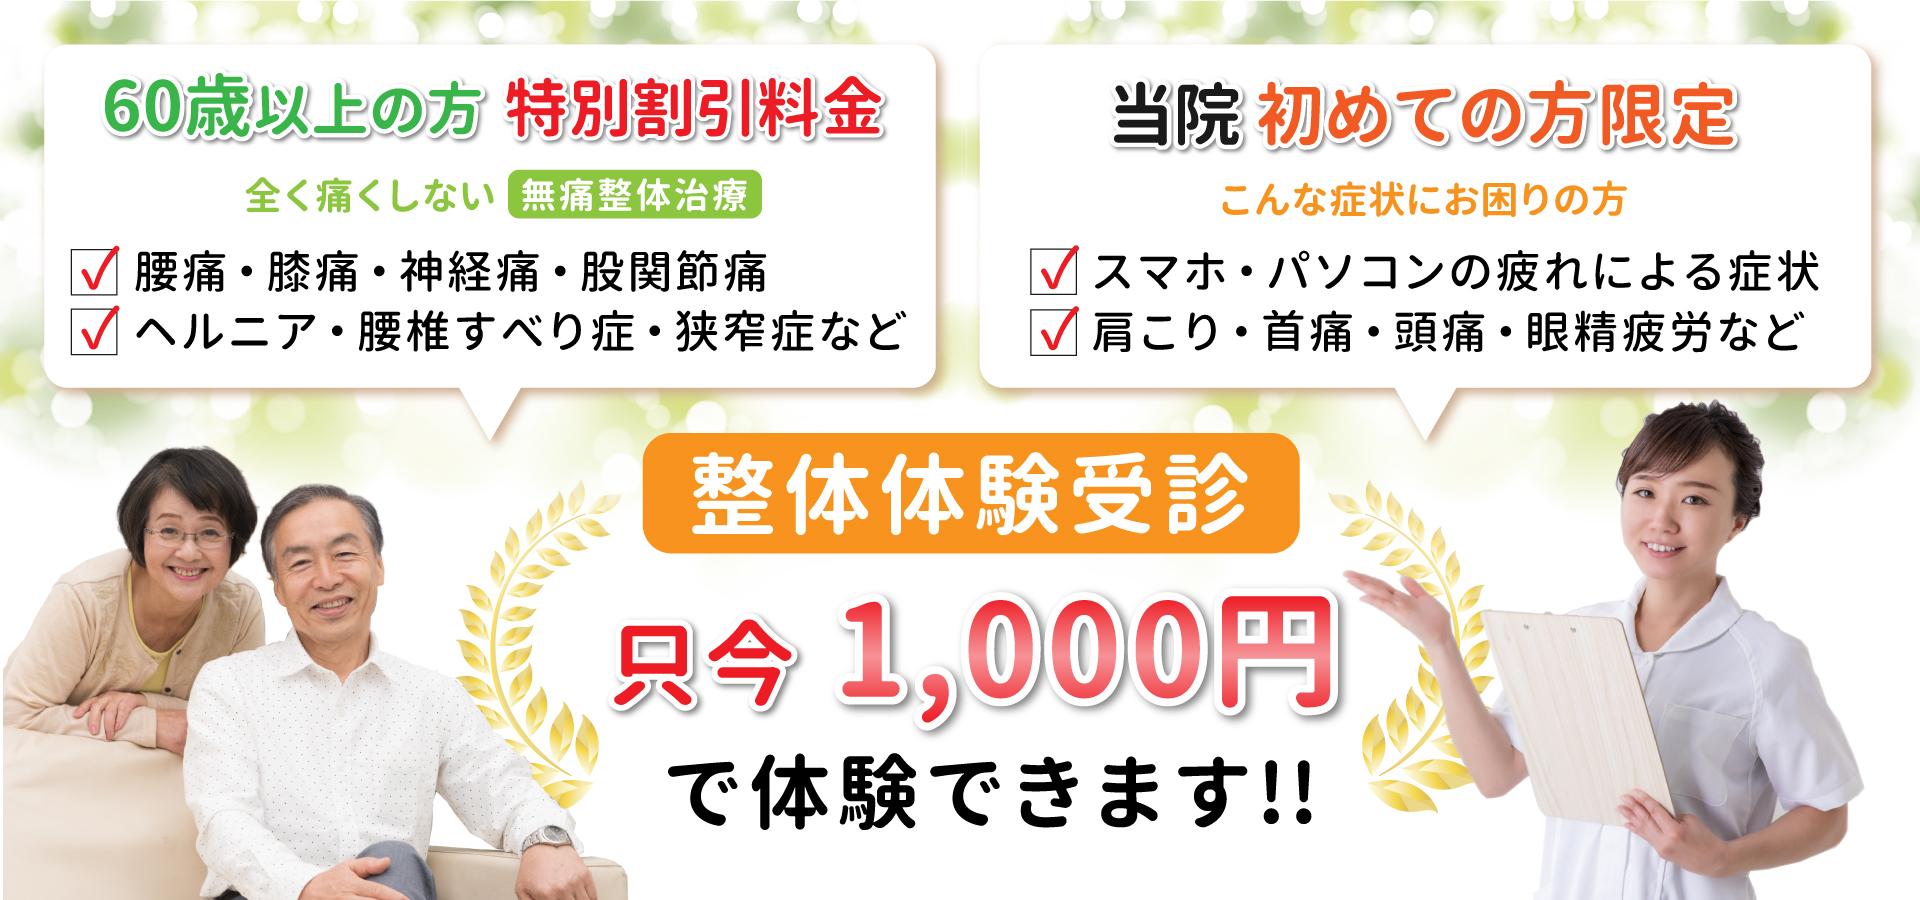 当院初めての方限定、整体受診1,000円!まずはお気軽にご予約ください!南整体院